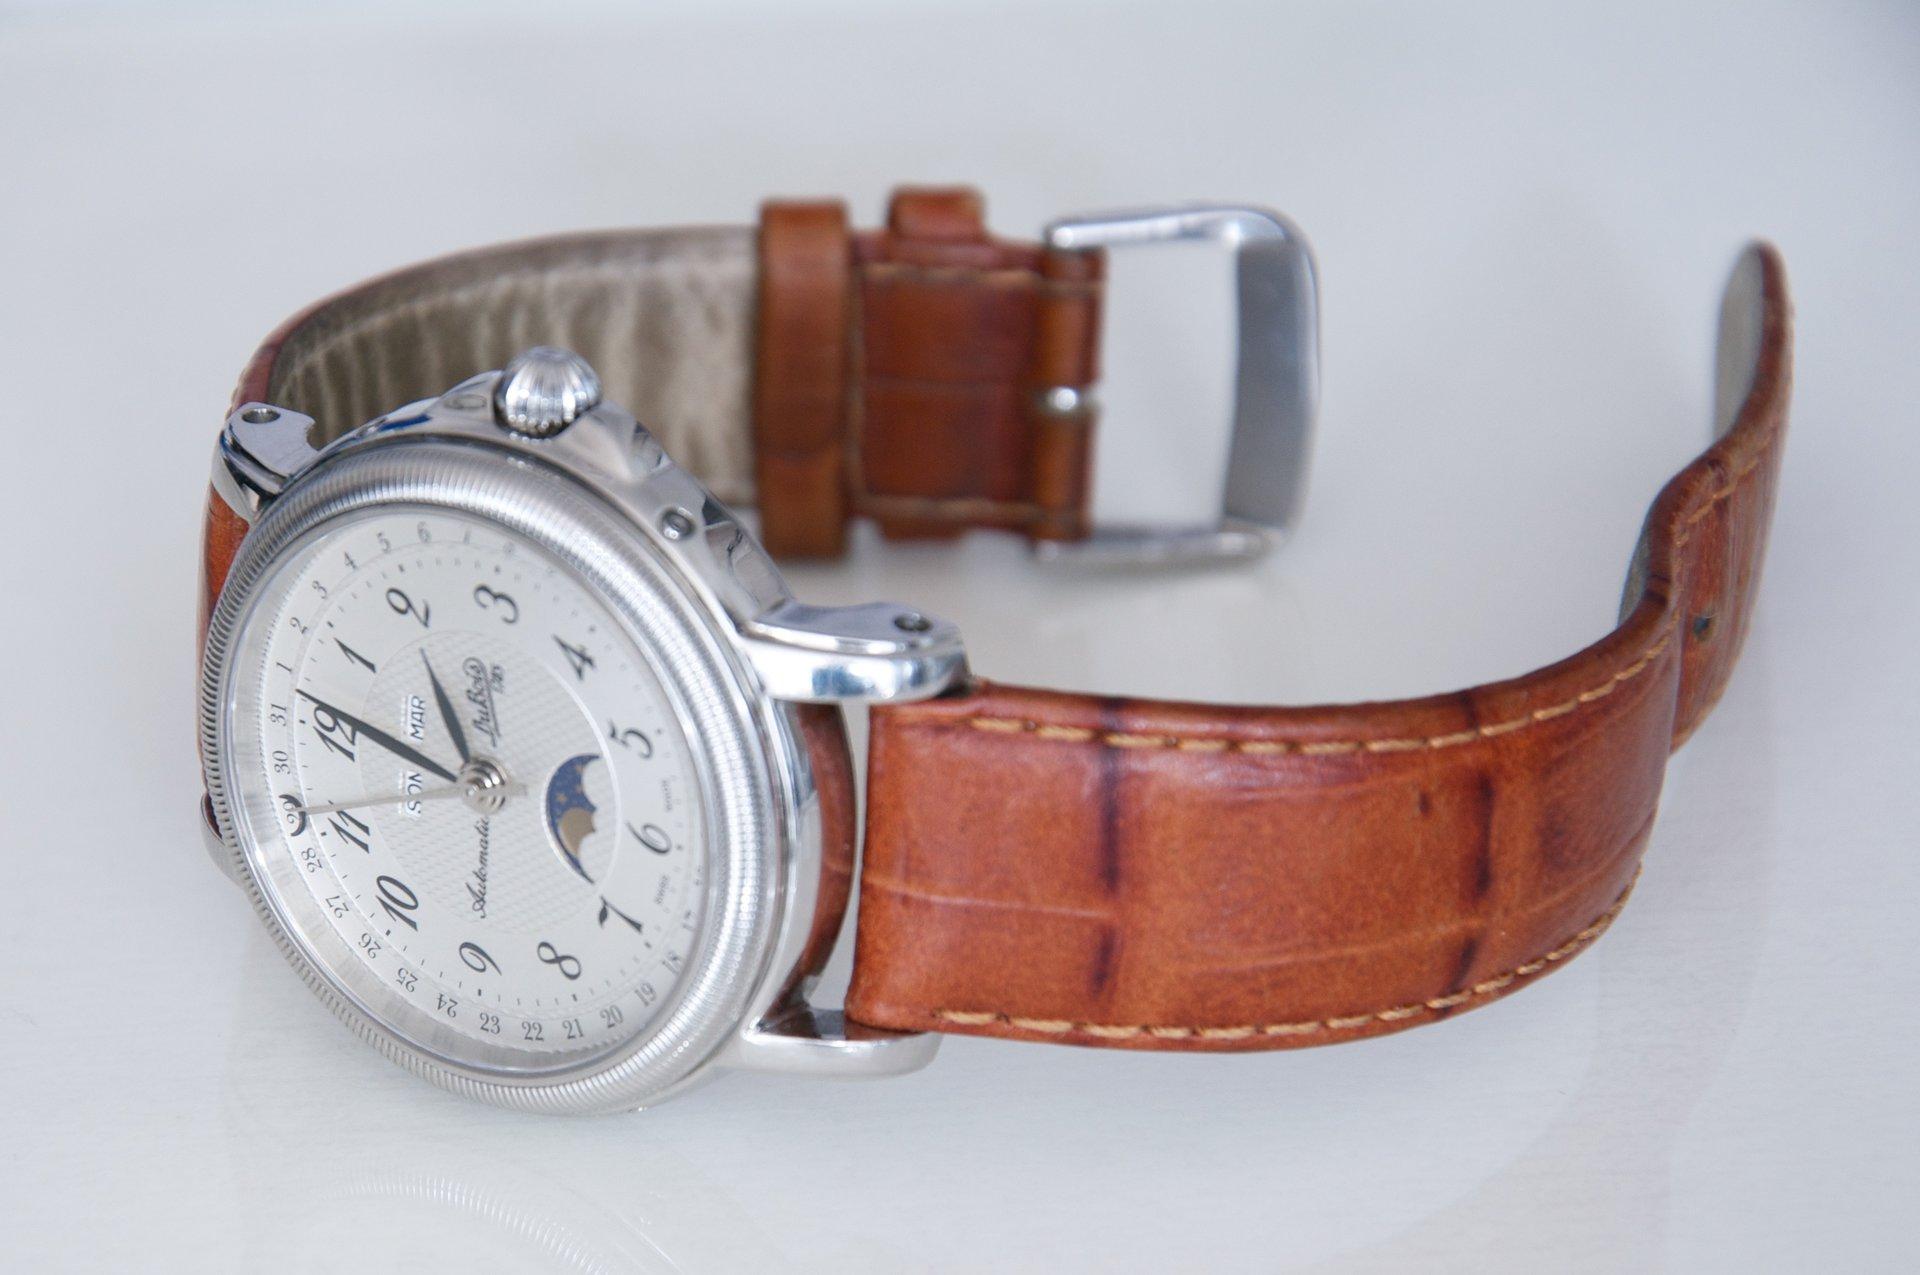 Erledigt du bois et fils 1789 le calendrier automatik uhrforum - Calendrier lunaire coupe bois ...